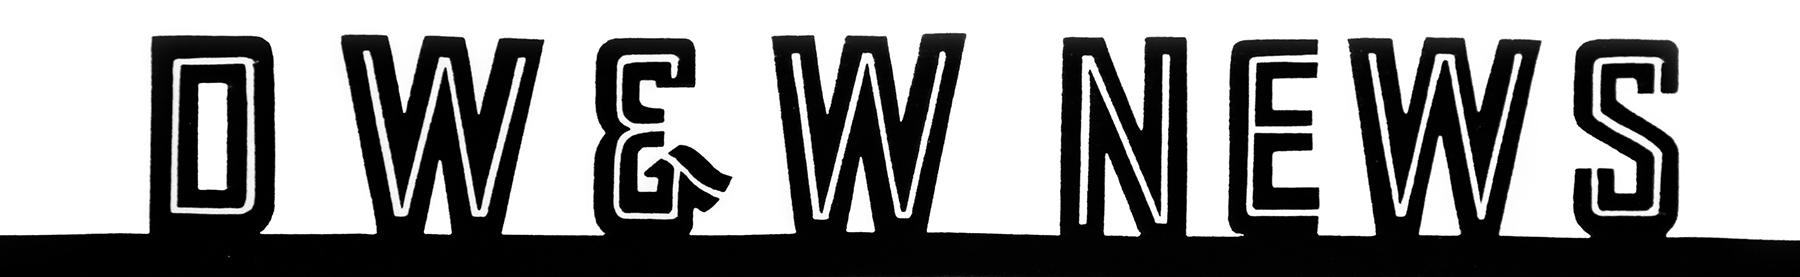 DWW News Logo